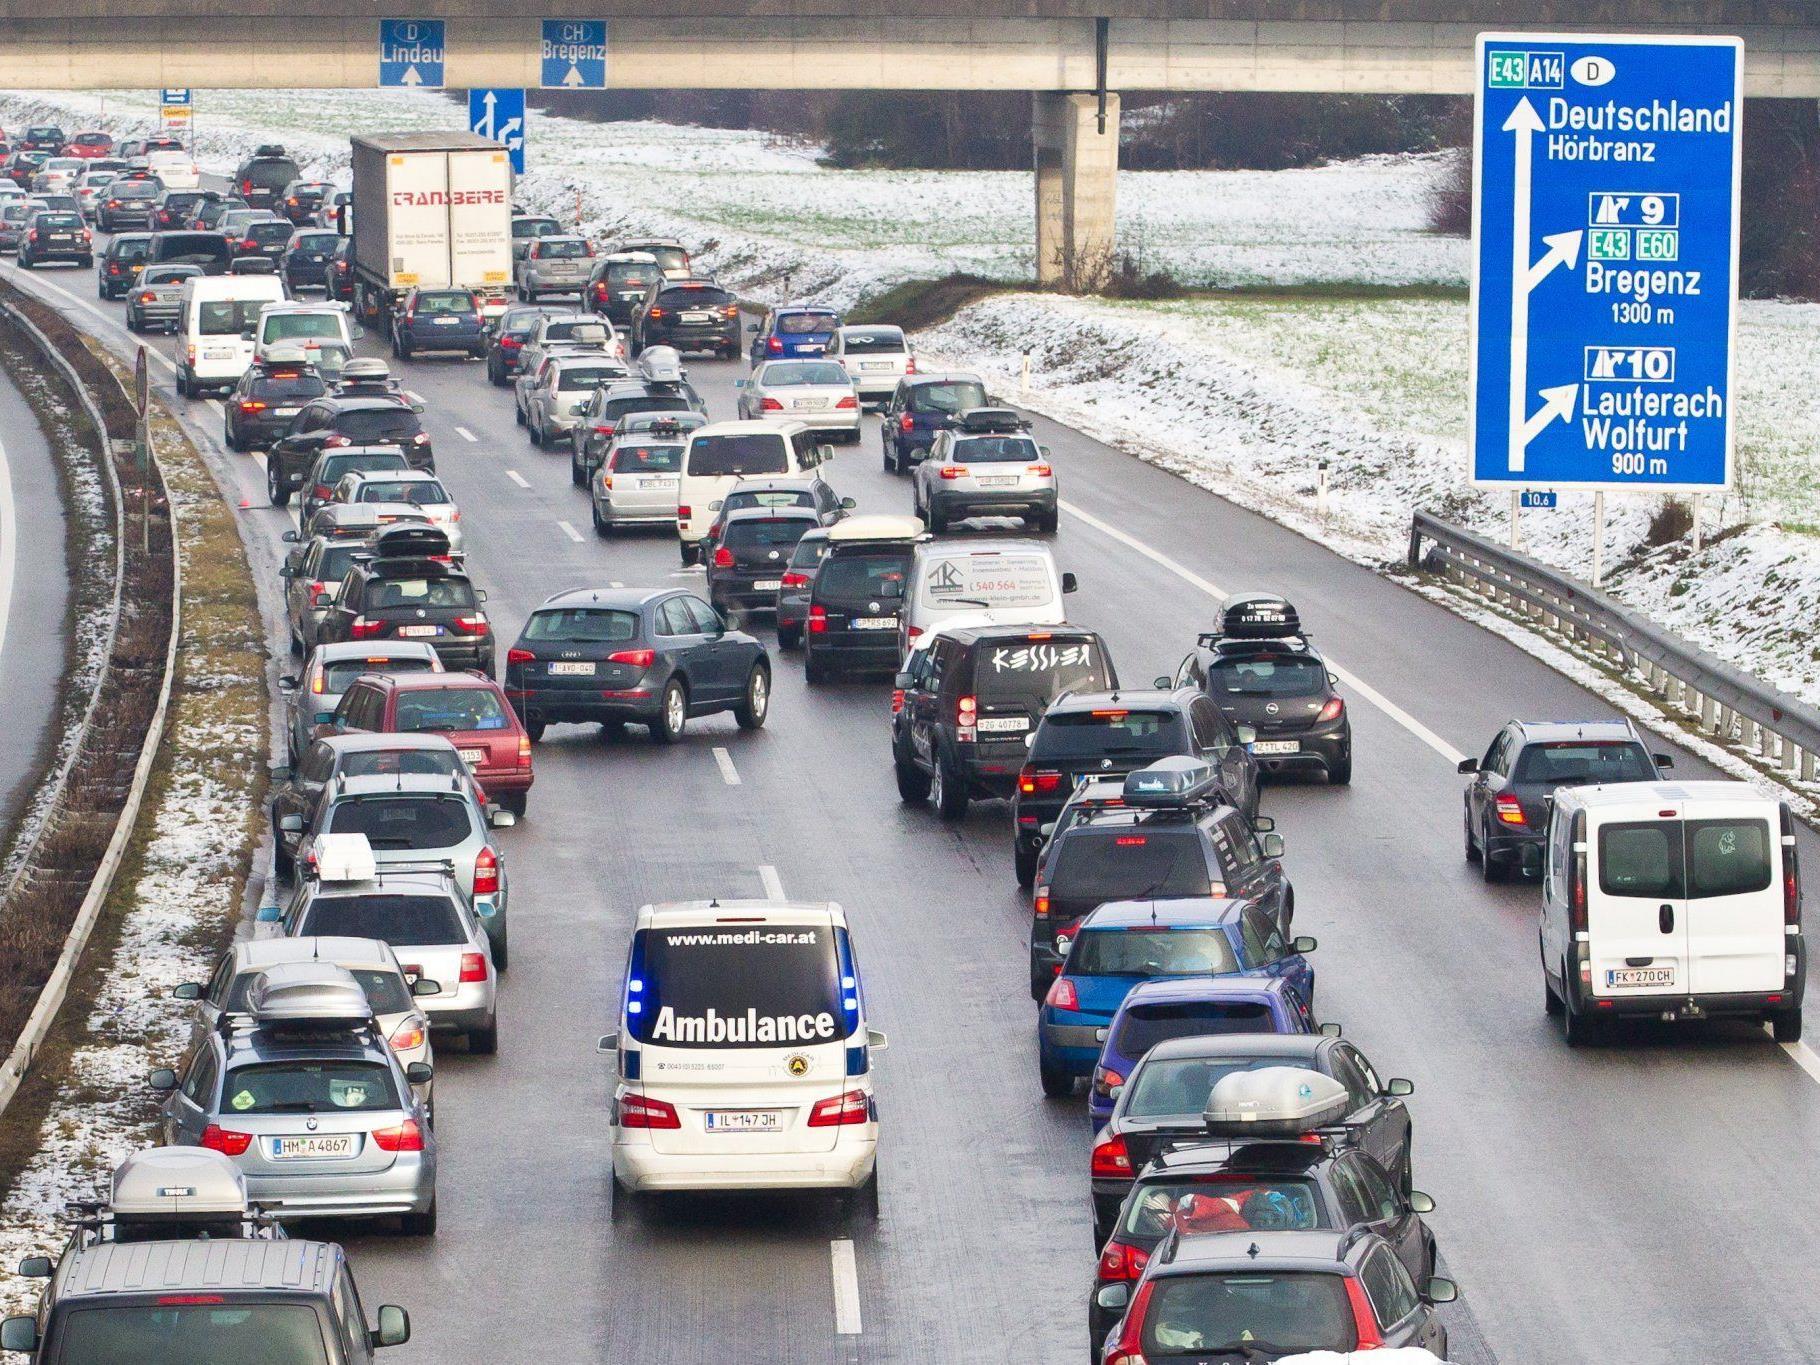 Vorarlbergs Autofahrer legen im Österreich-Vergleich die kürzeste Distanz zurück.